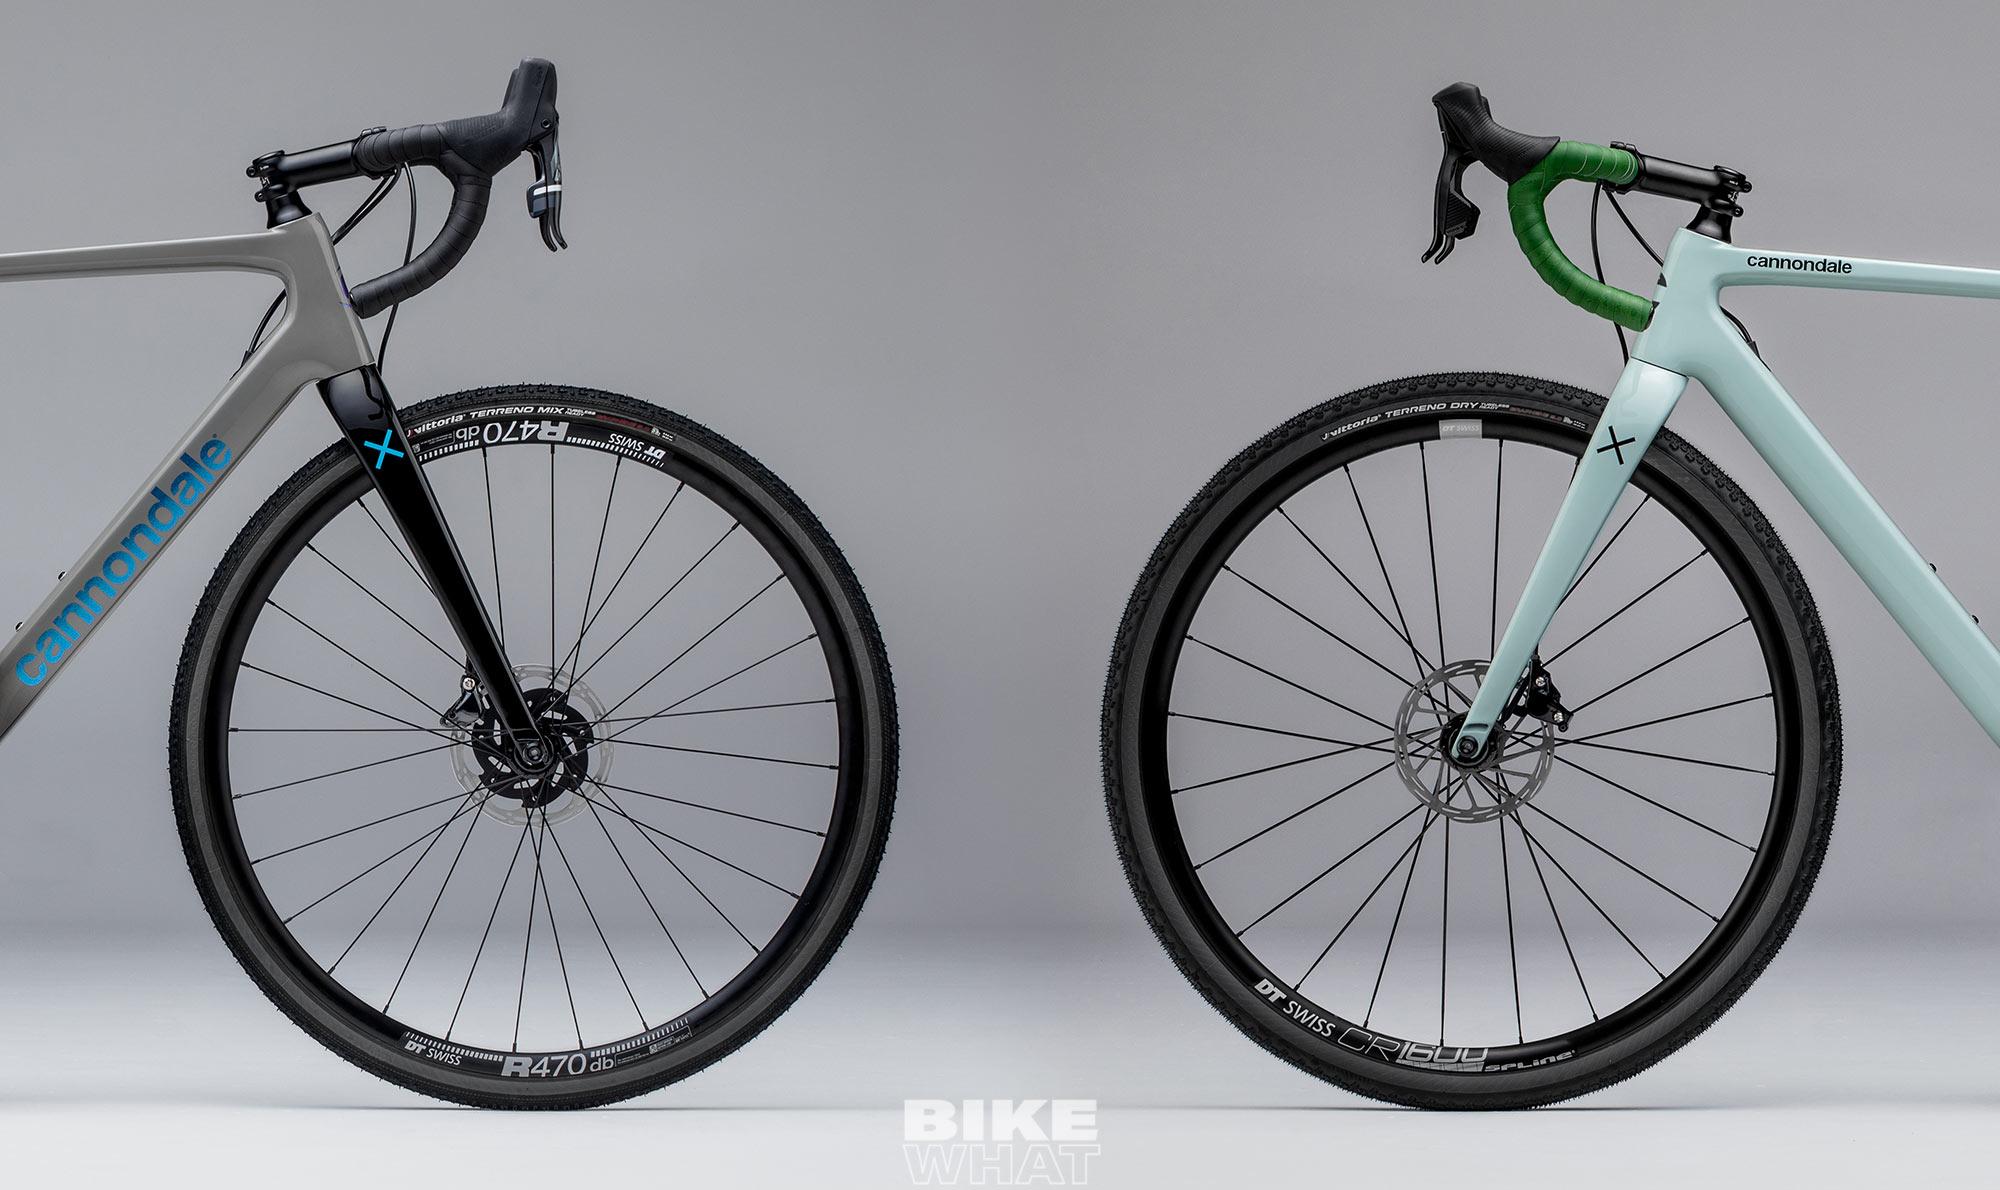 캐논데일이 슈퍼식스 에보를 기반으로 한 사이클로크로스 자전거인 슈퍼식스 에보 CX(왼쪽)와 그래블 자전거인 슈퍼식스 에보 SE(오른쪽)를 공개했다.